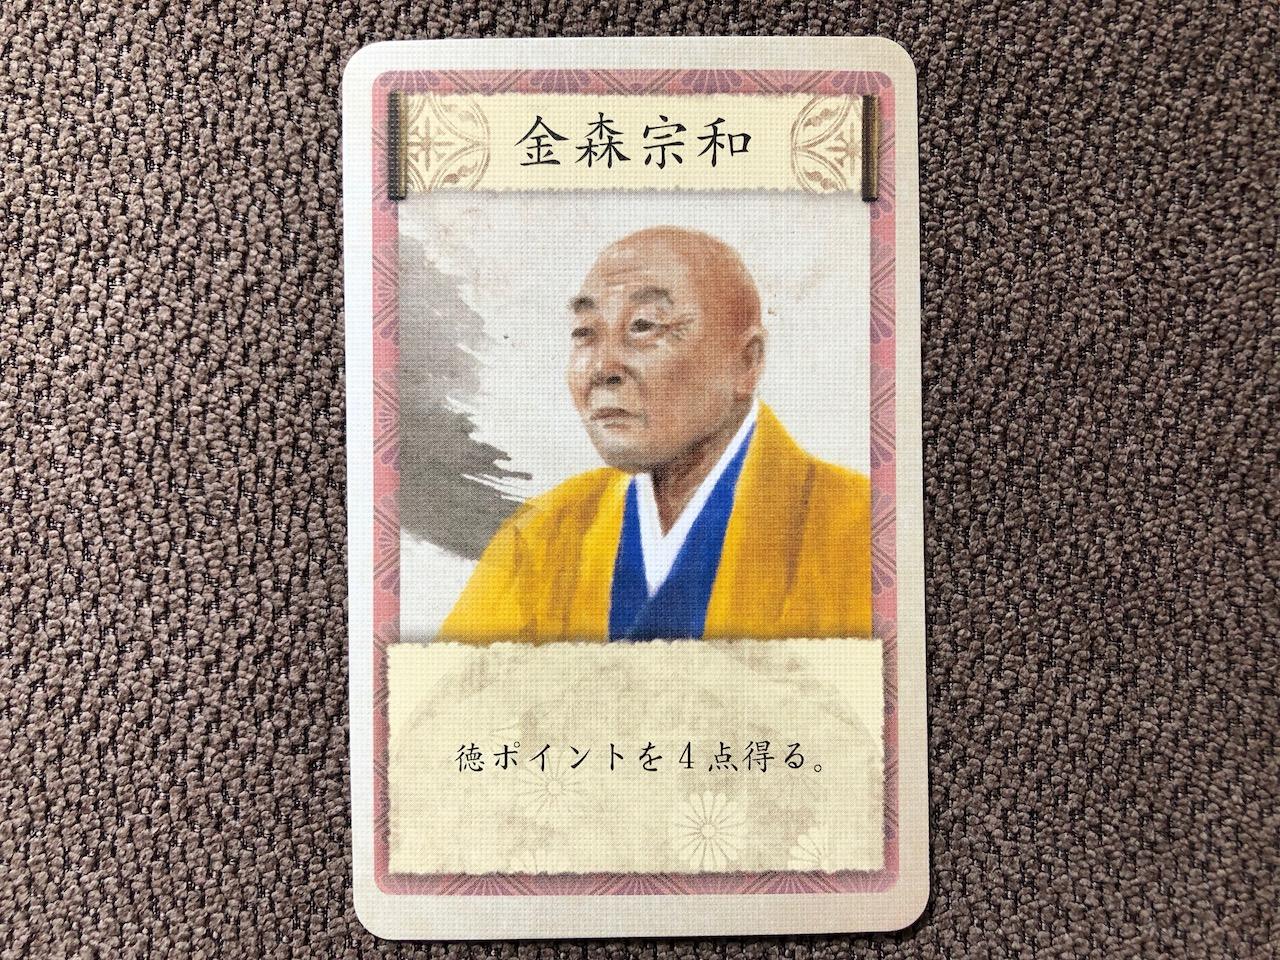 金森宗和の作庭家カード